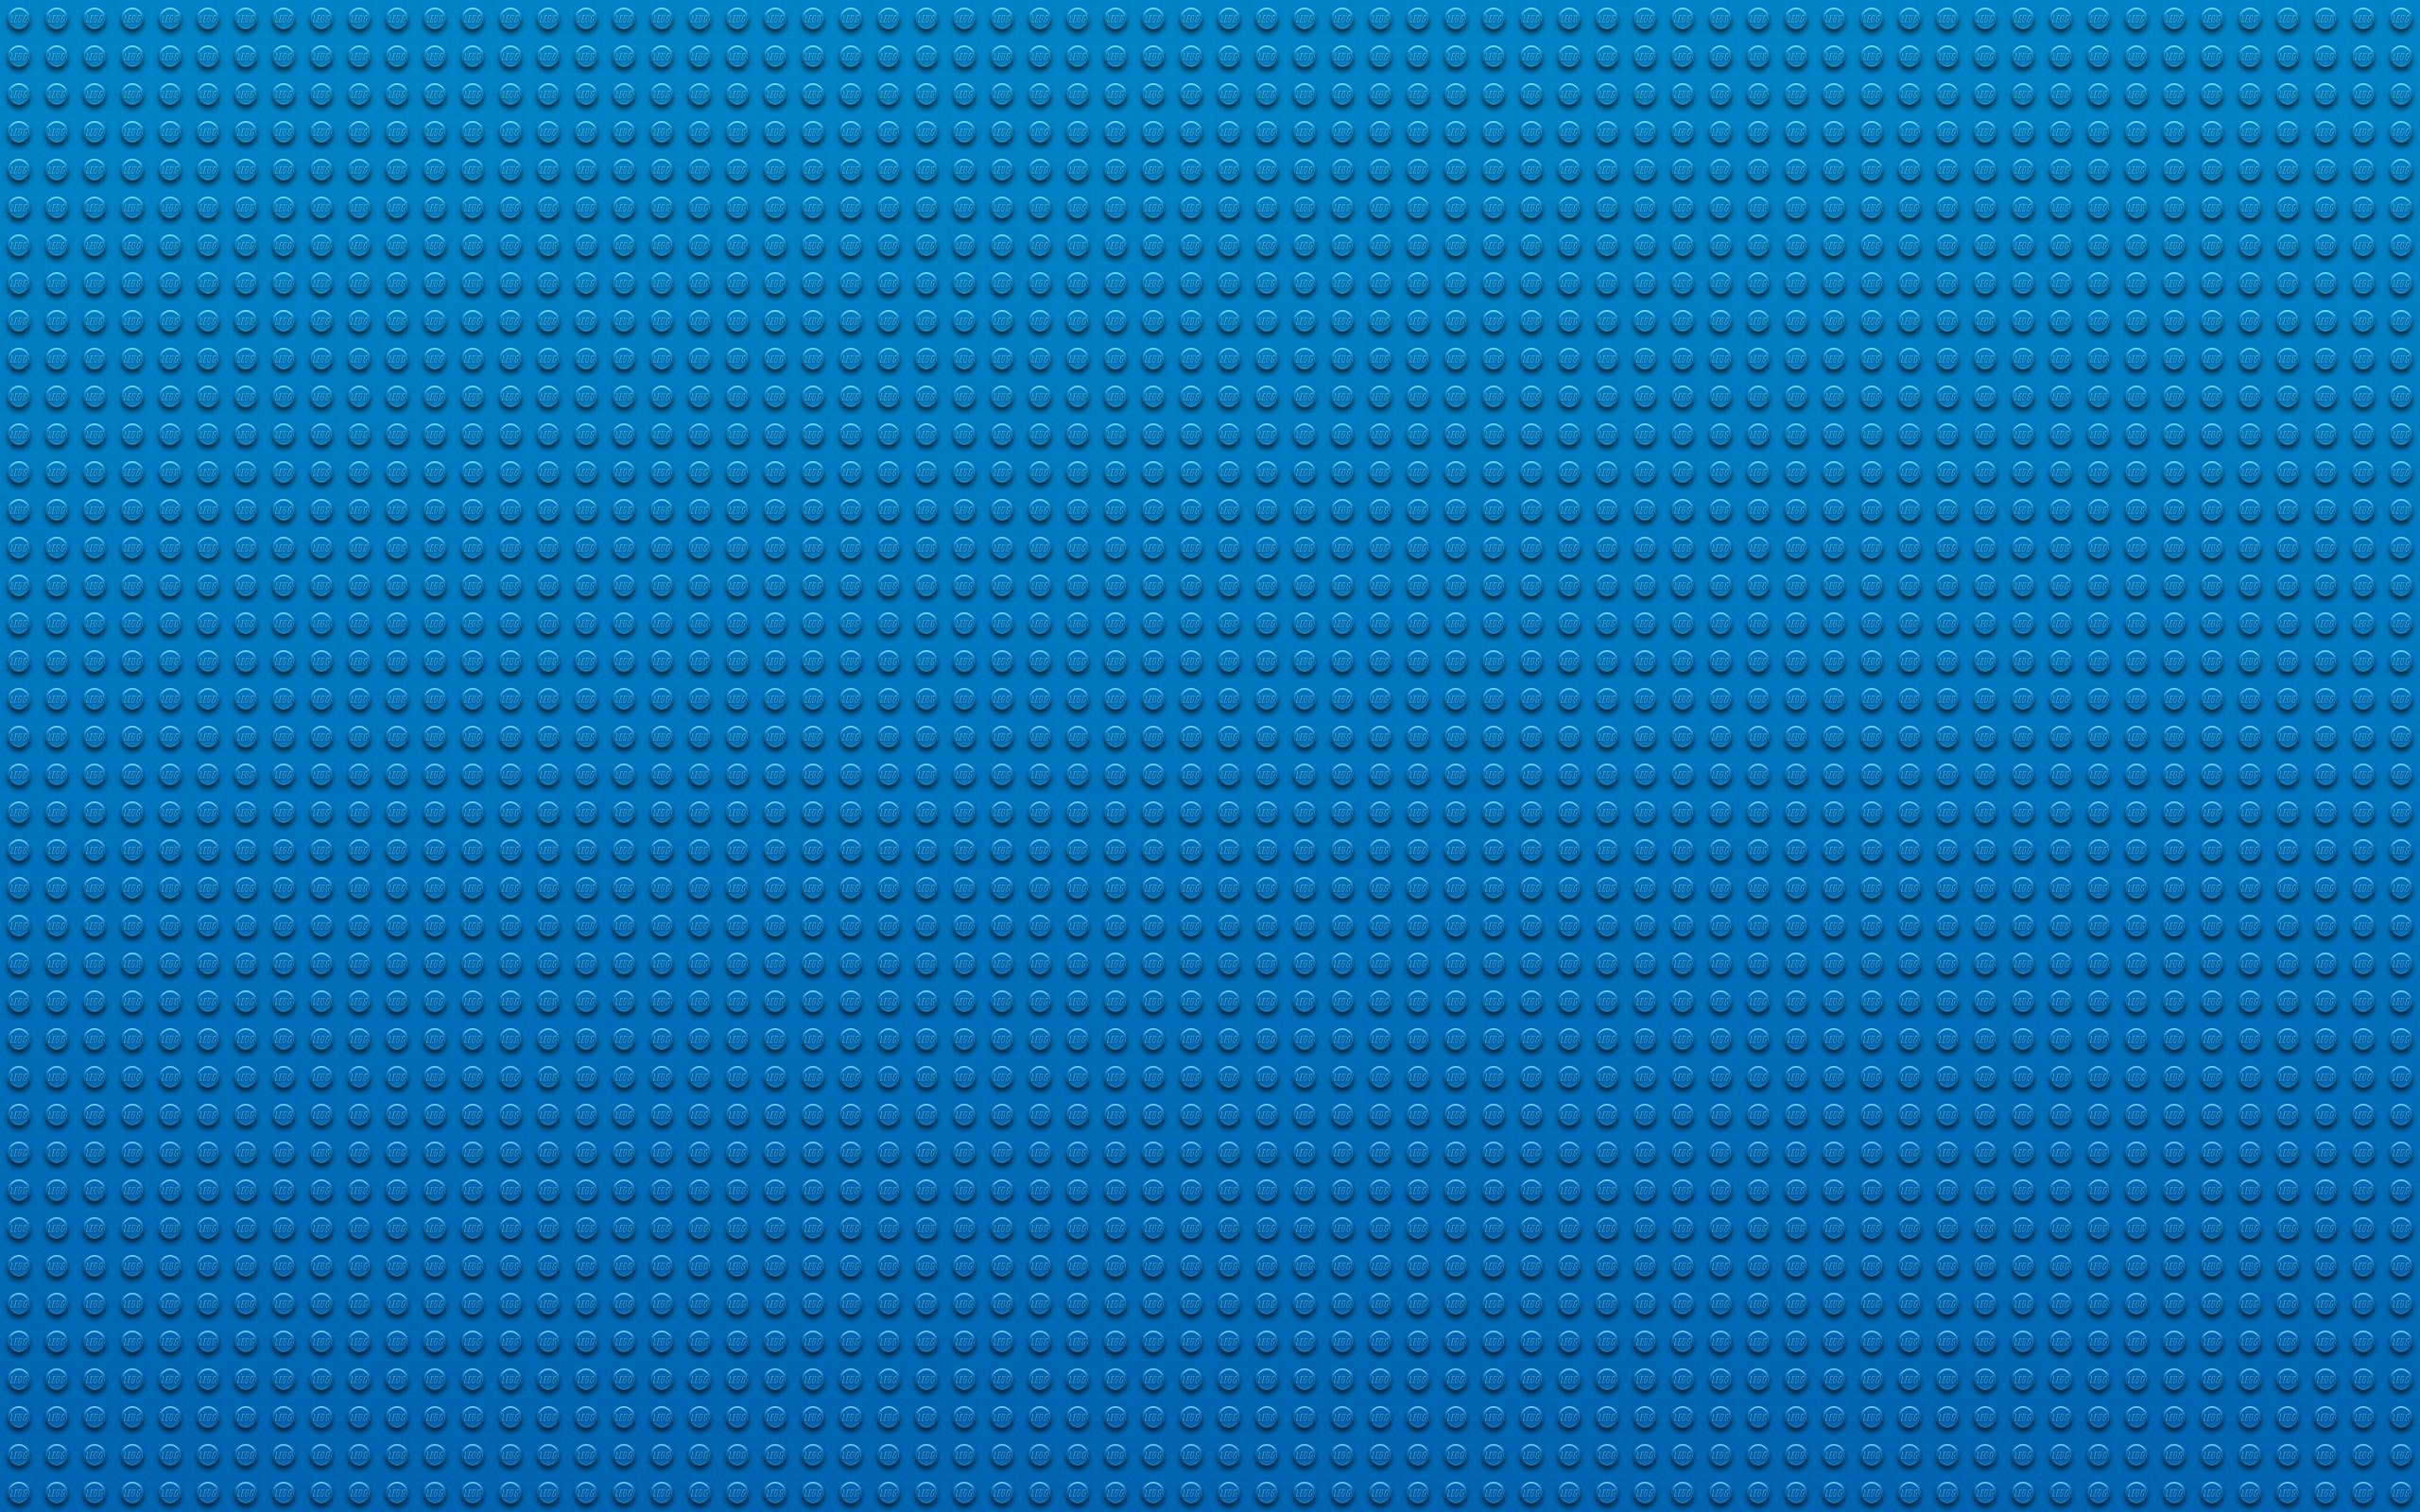 Textura azul y puntos - 2560x1600